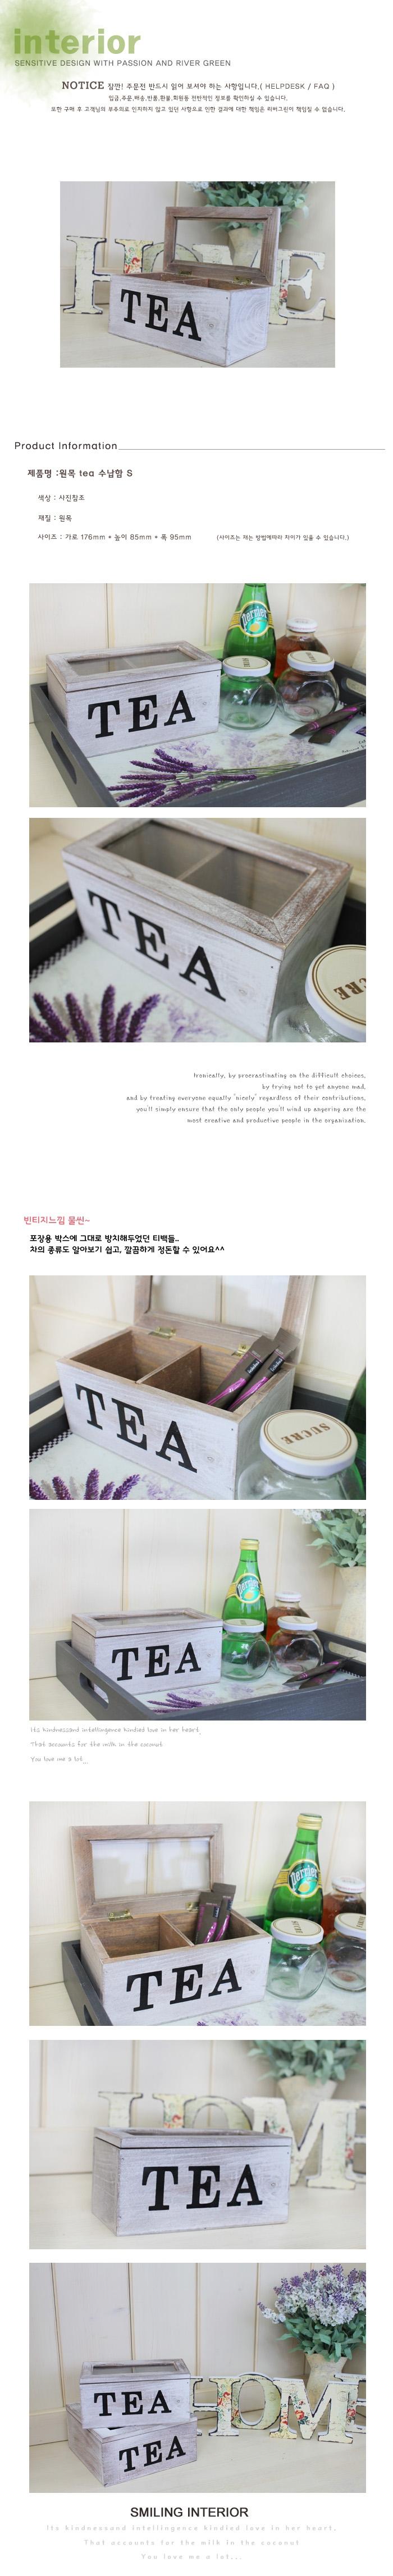 원목 tea 수납함(S) - 리버그린, 9,900원, 장식소품, 소품케이스